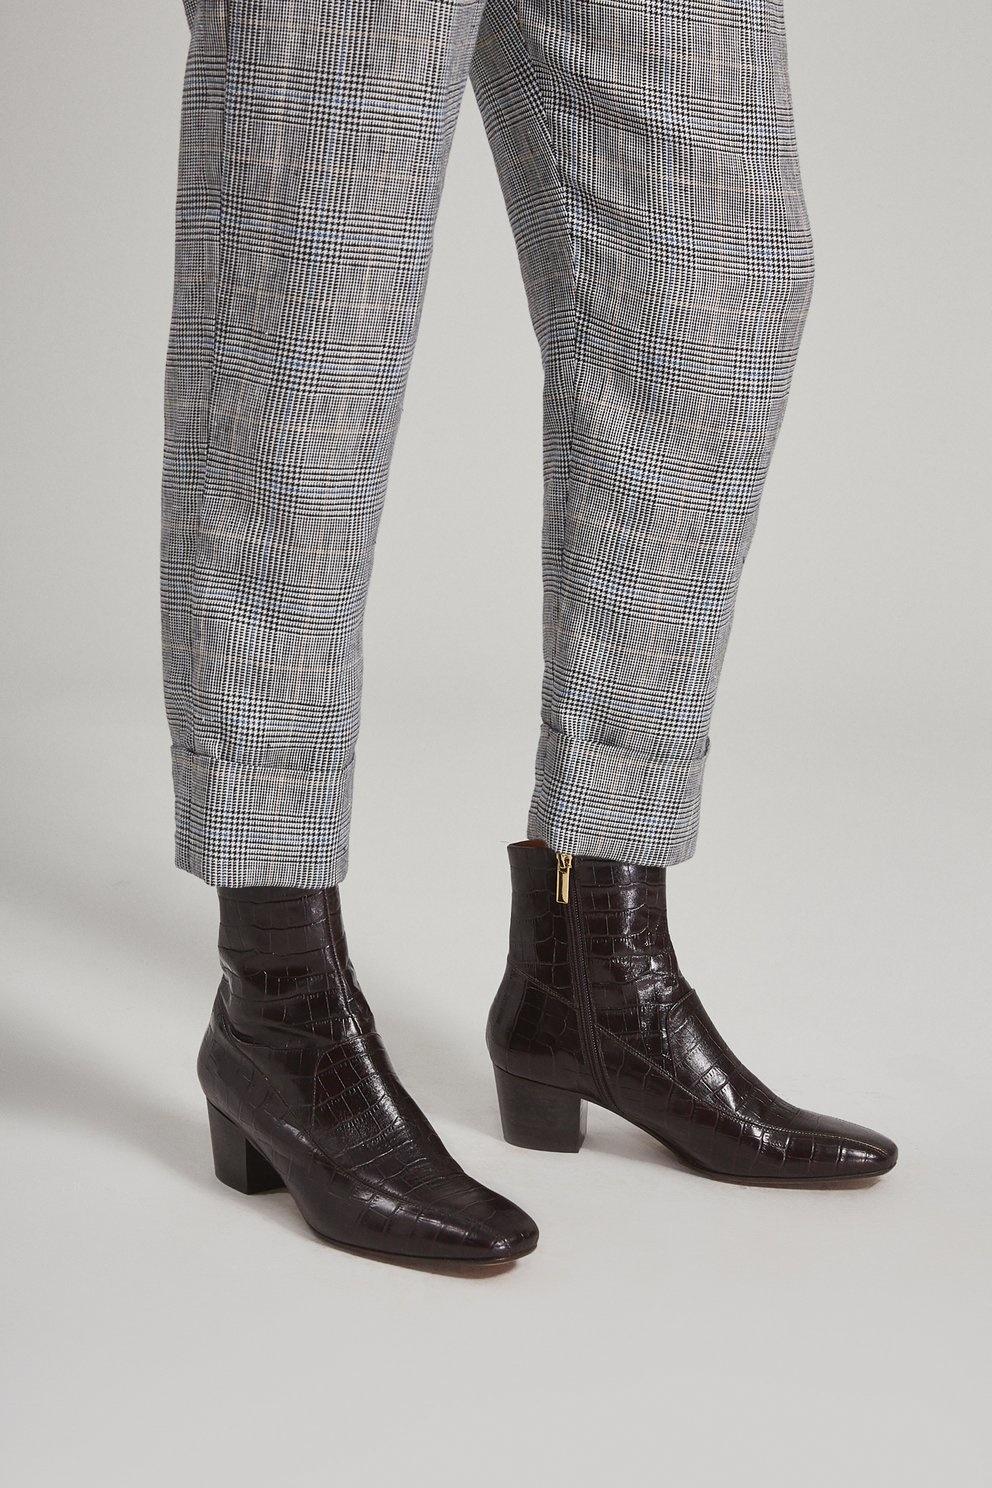 Westside Pant Black Multi